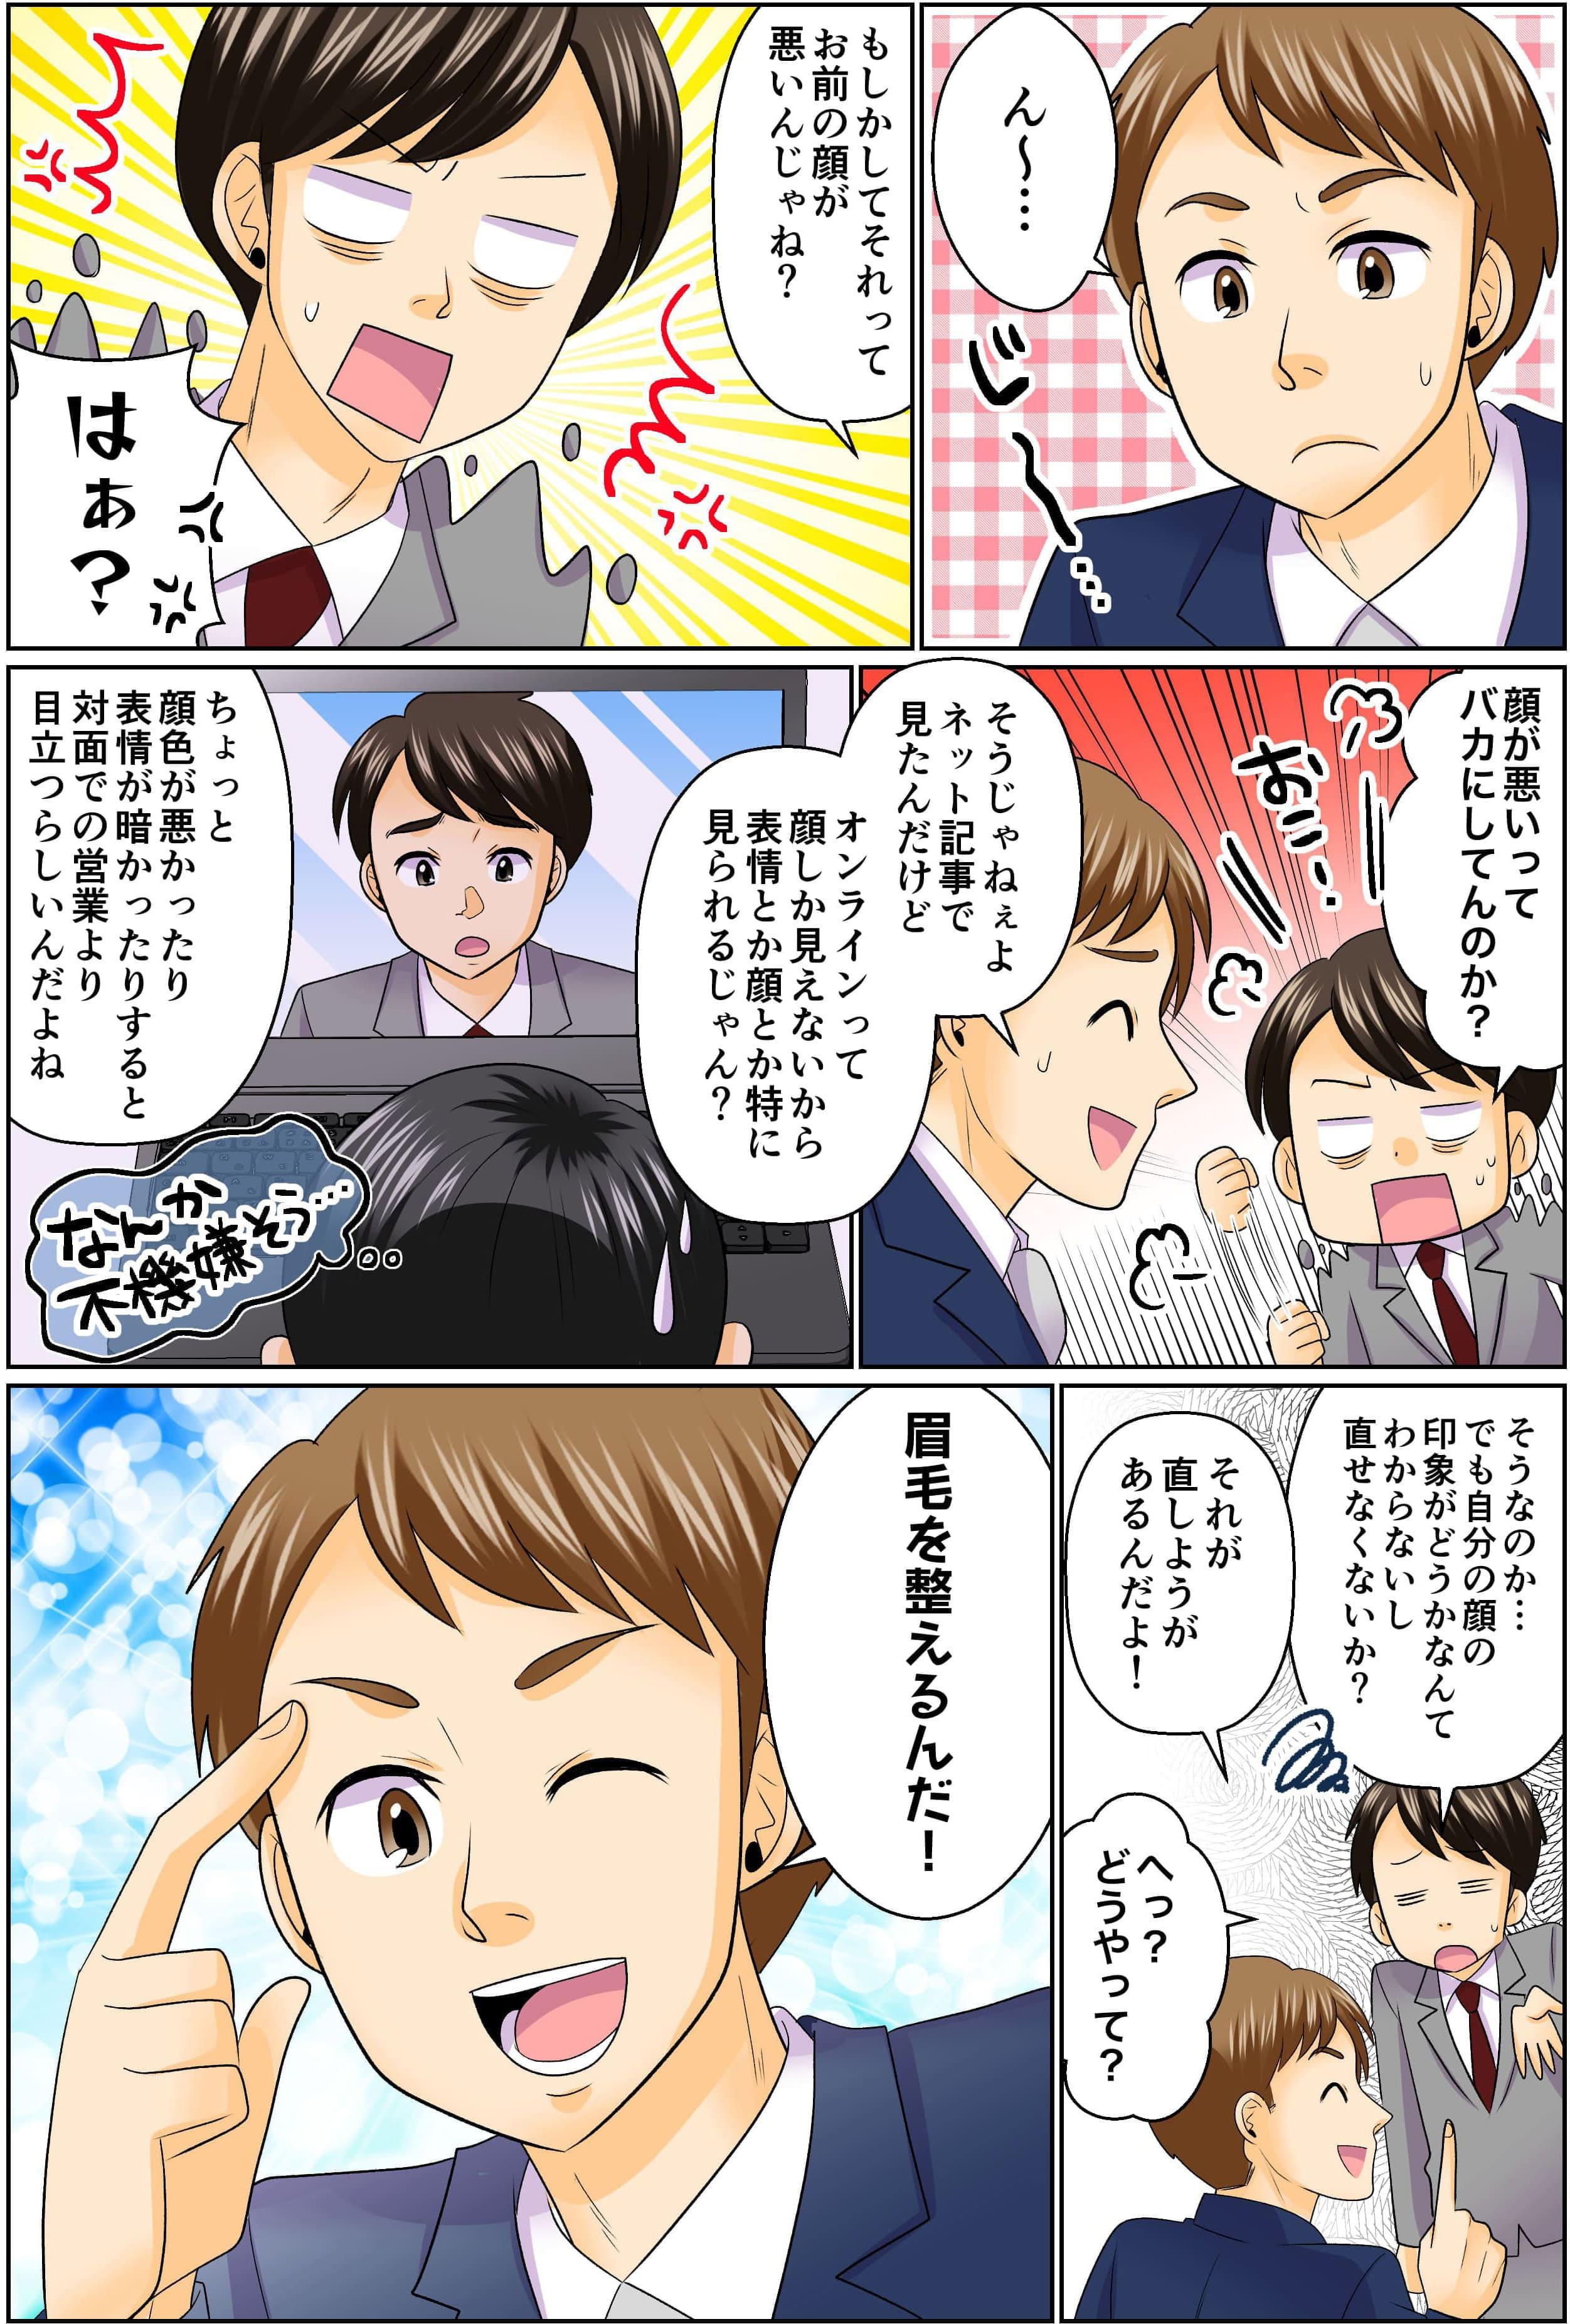 眉毛施術【オンライン商談】2